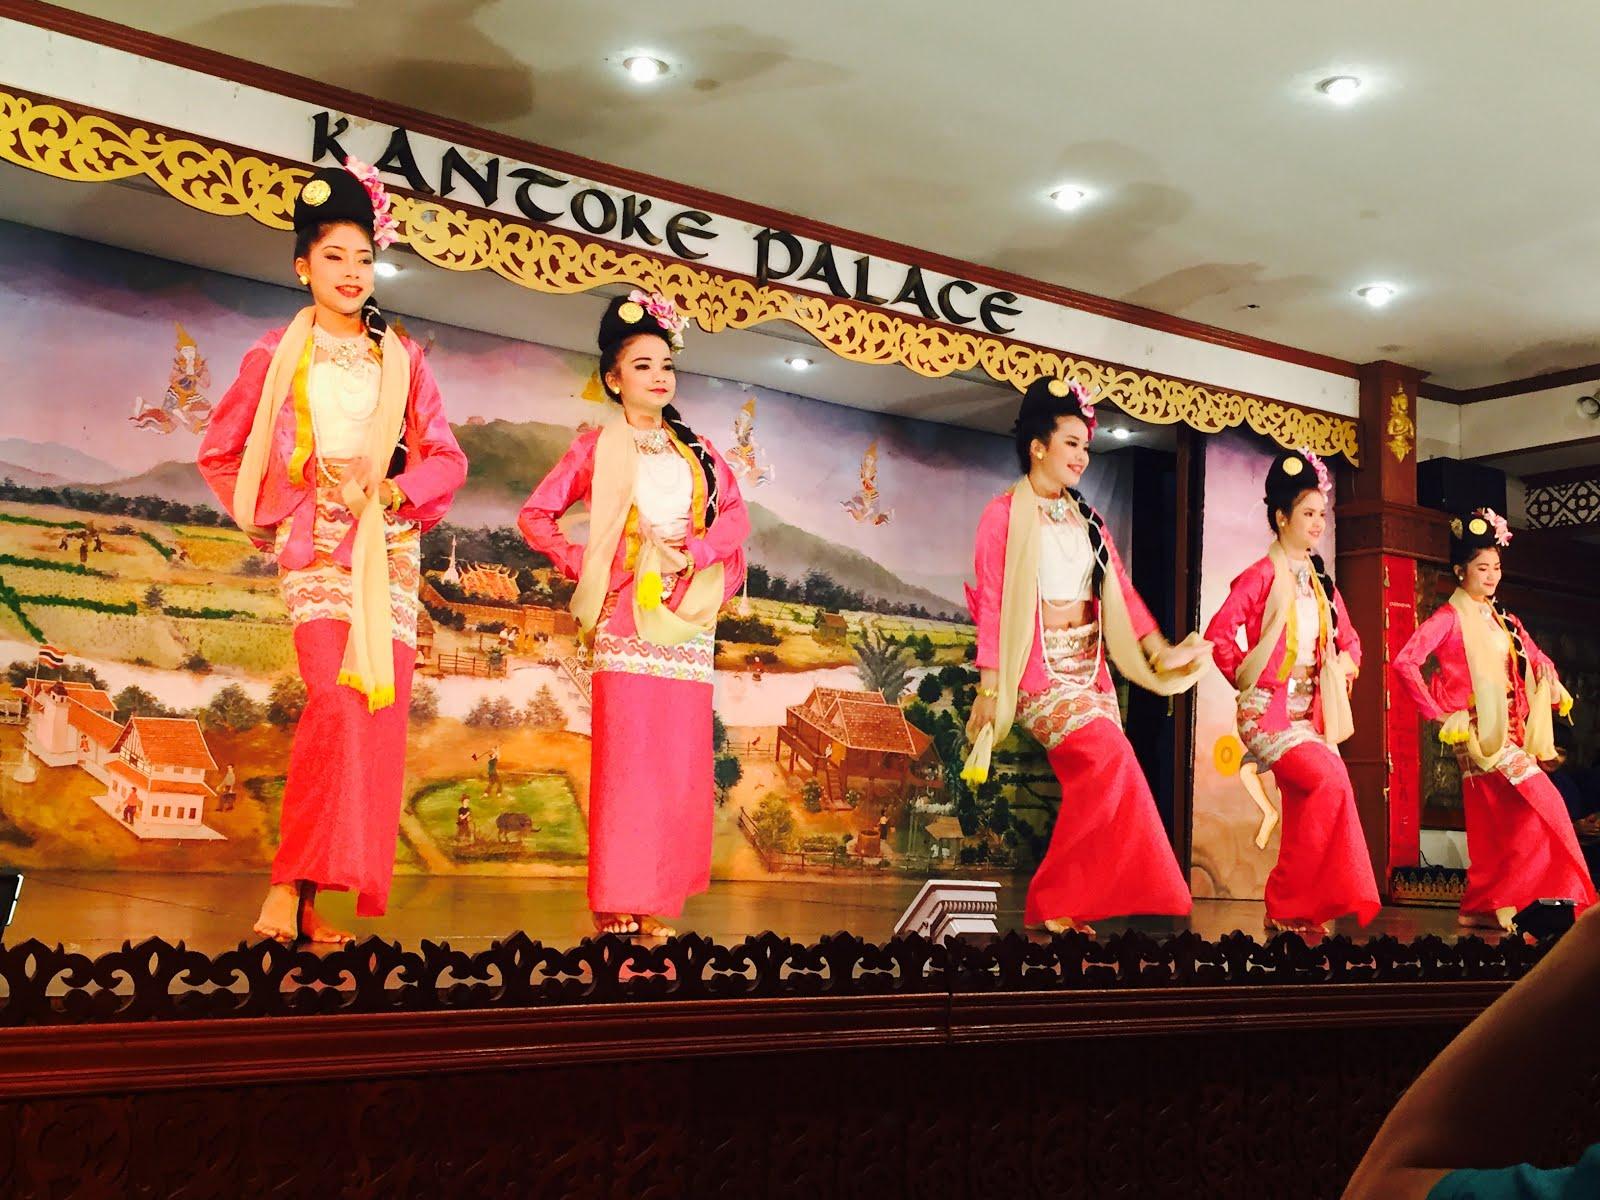 Kantoke Palace, Thailand